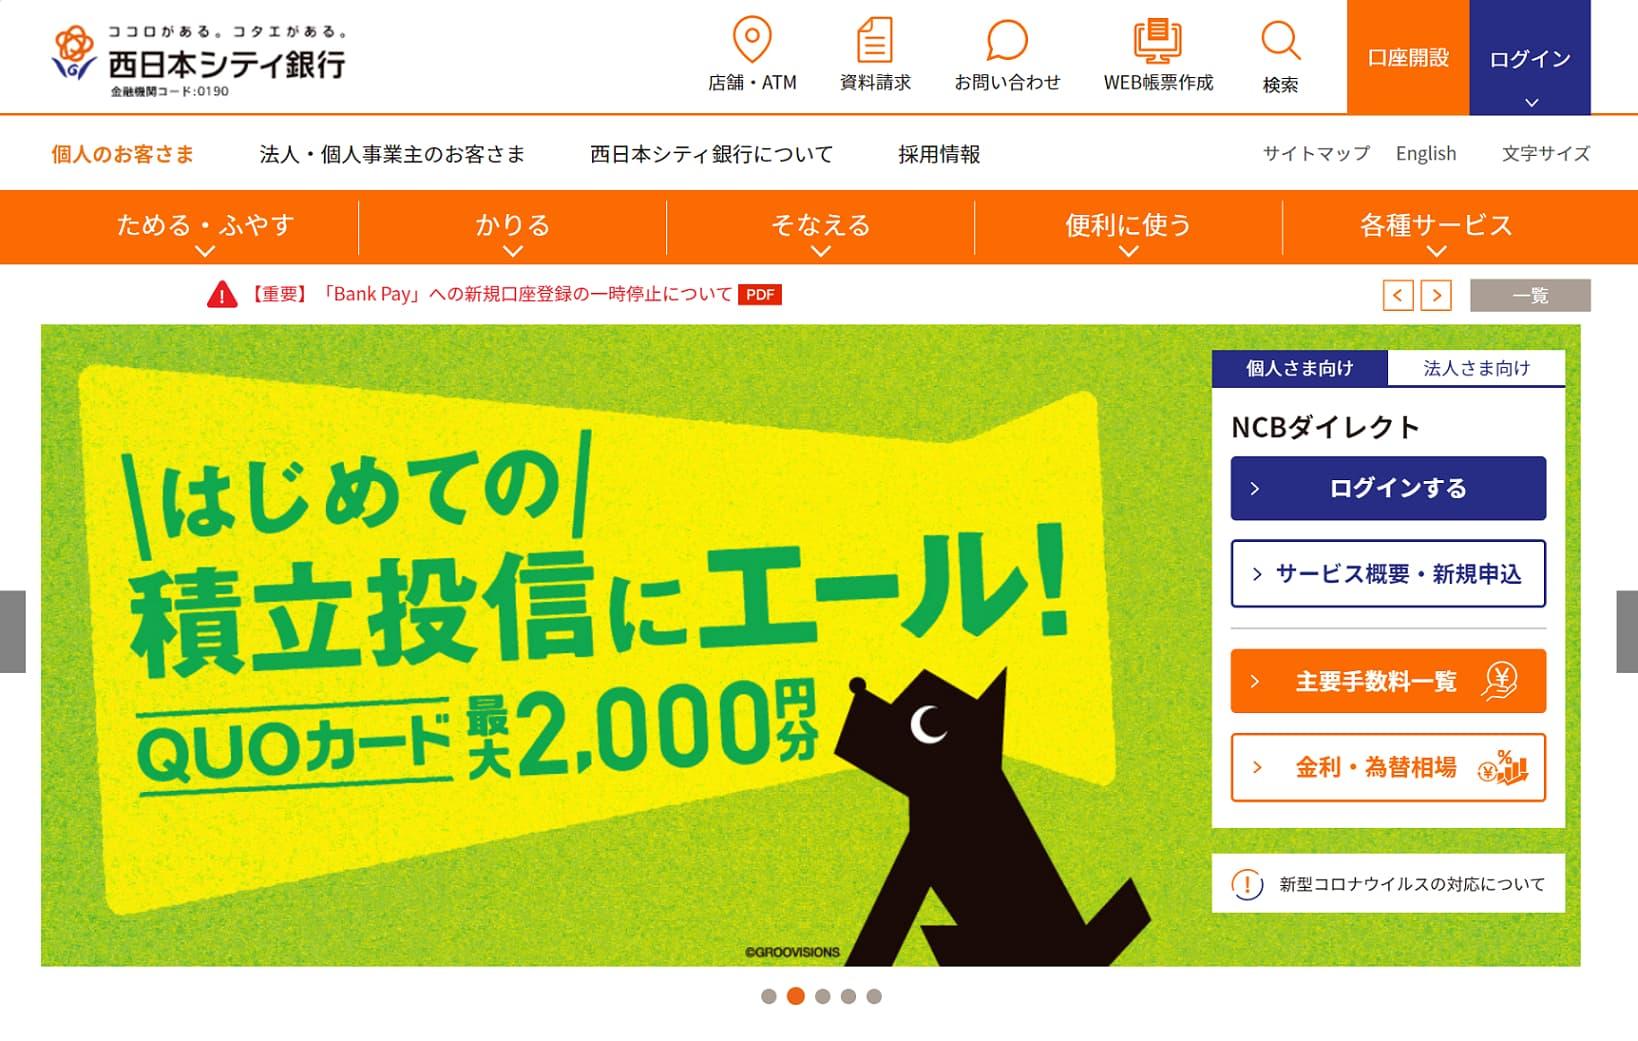 株式会社西日本シティ銀行様(本社:福岡県福岡市)のTOPページレイアウト変更を支援